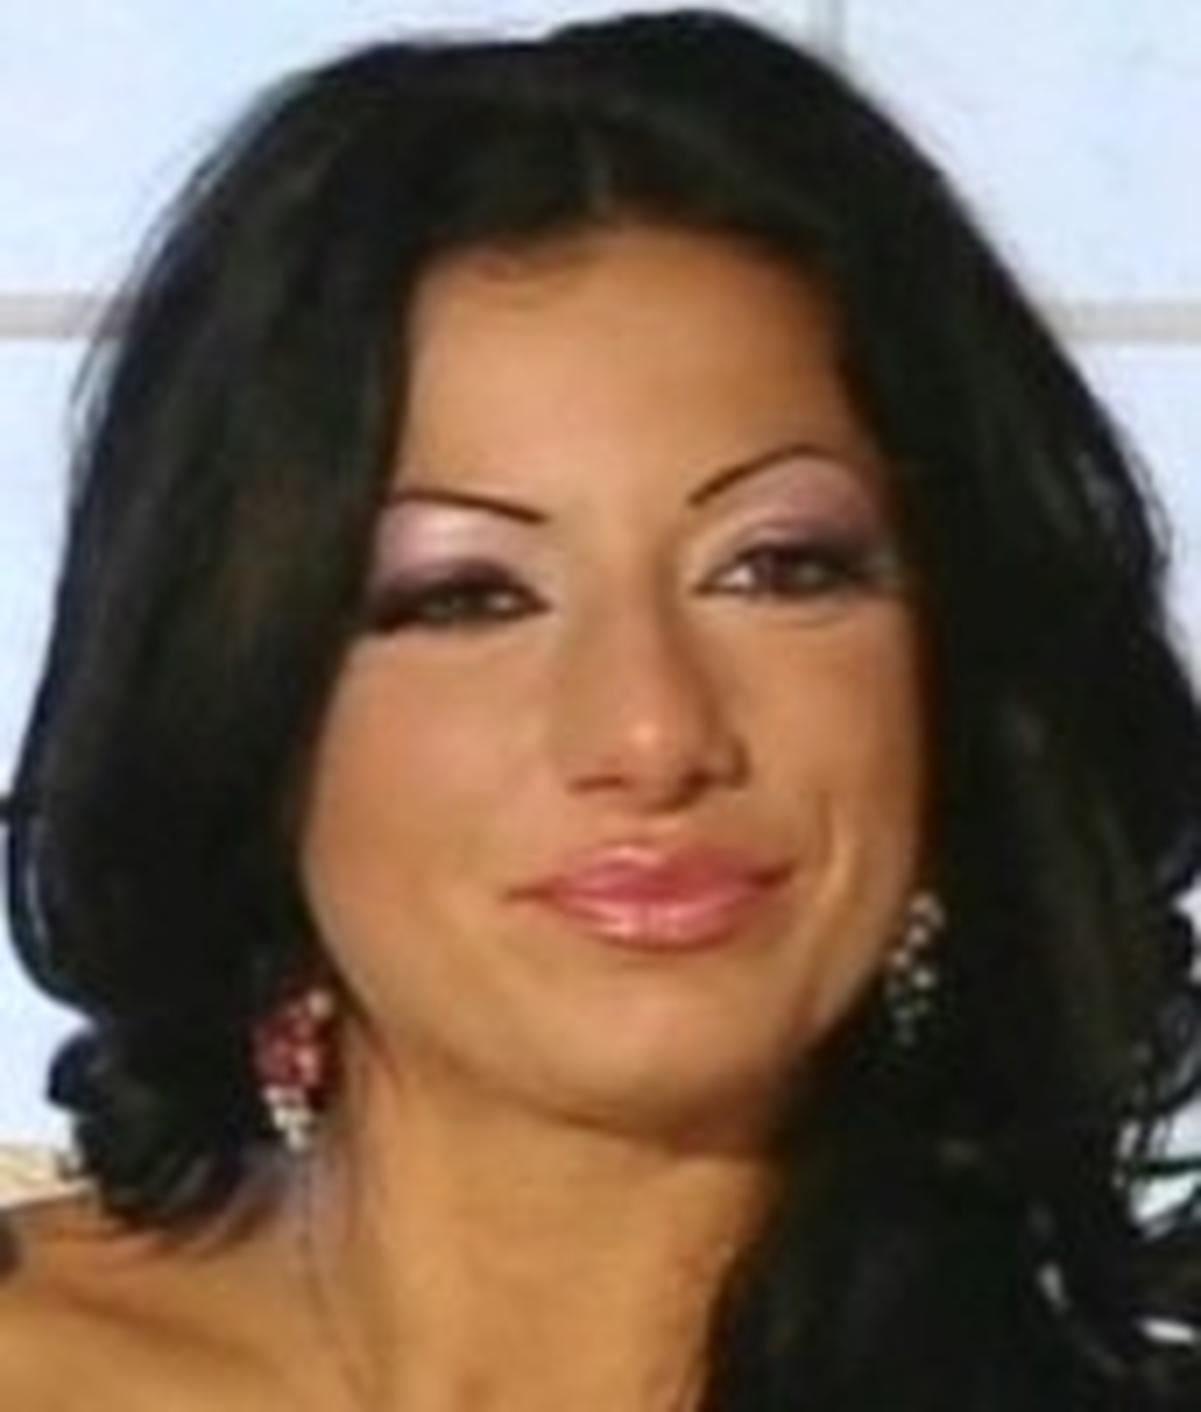 Priscilla Salerno